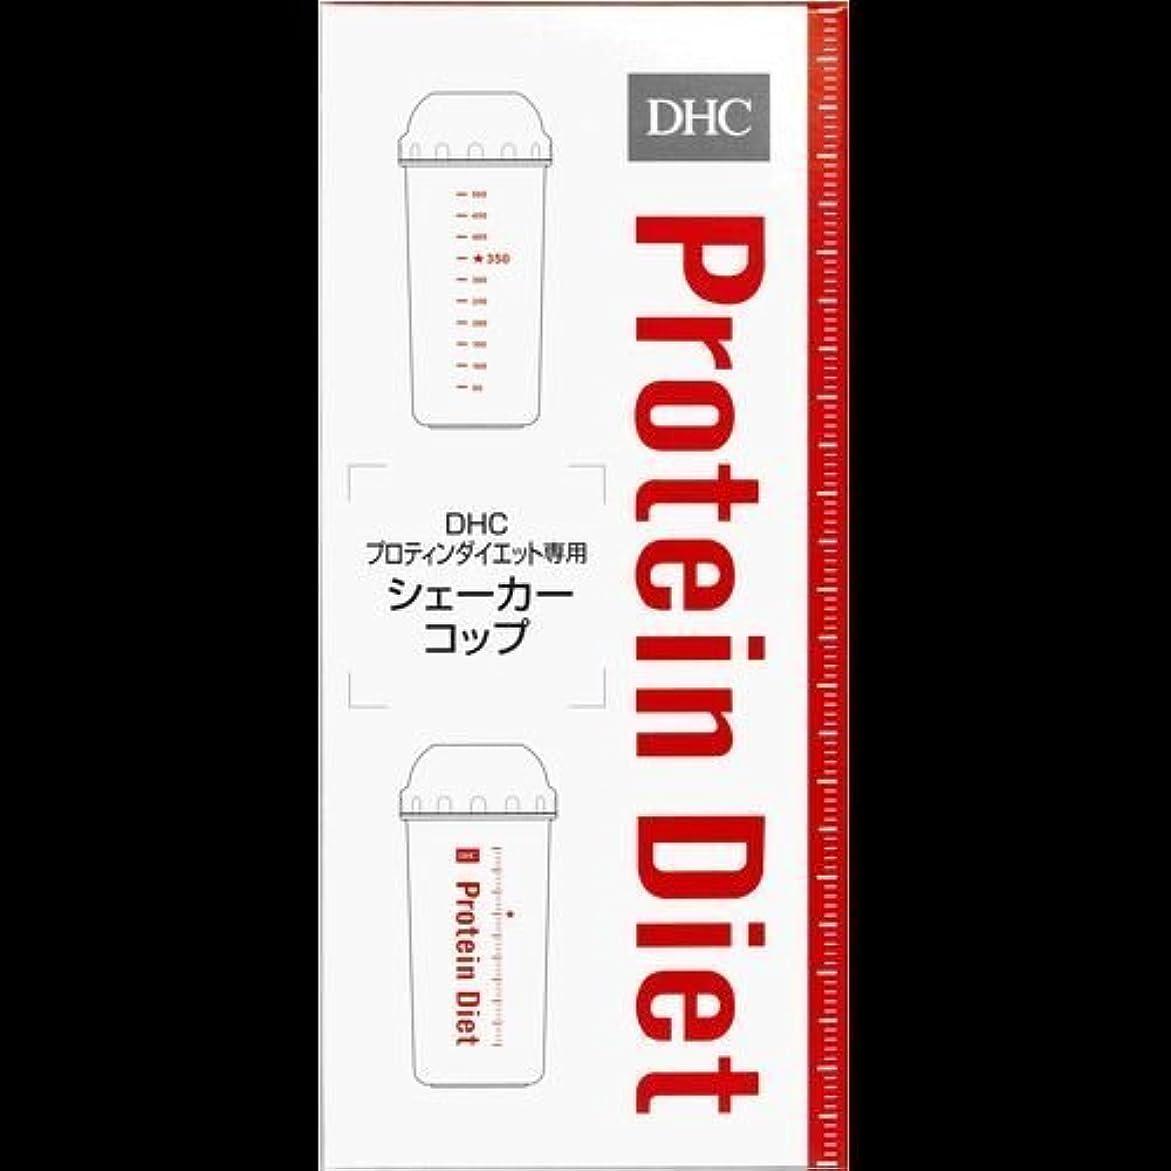 起点バージン放棄する【まとめ買い】DHC プロティンダイエット 専用シェーカーコップ ×2セット